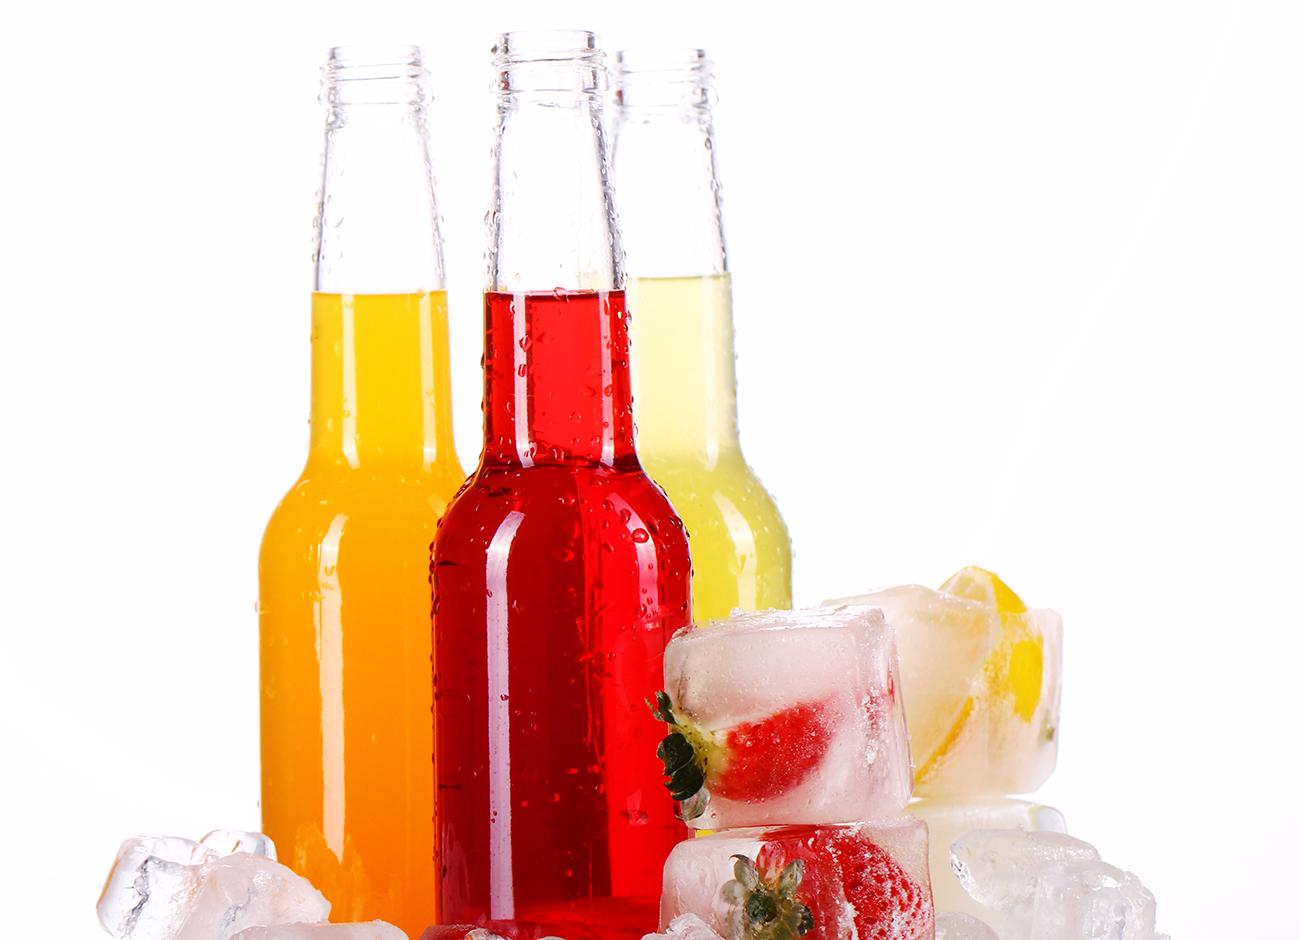 bebidas-carbonatadas-preparacion